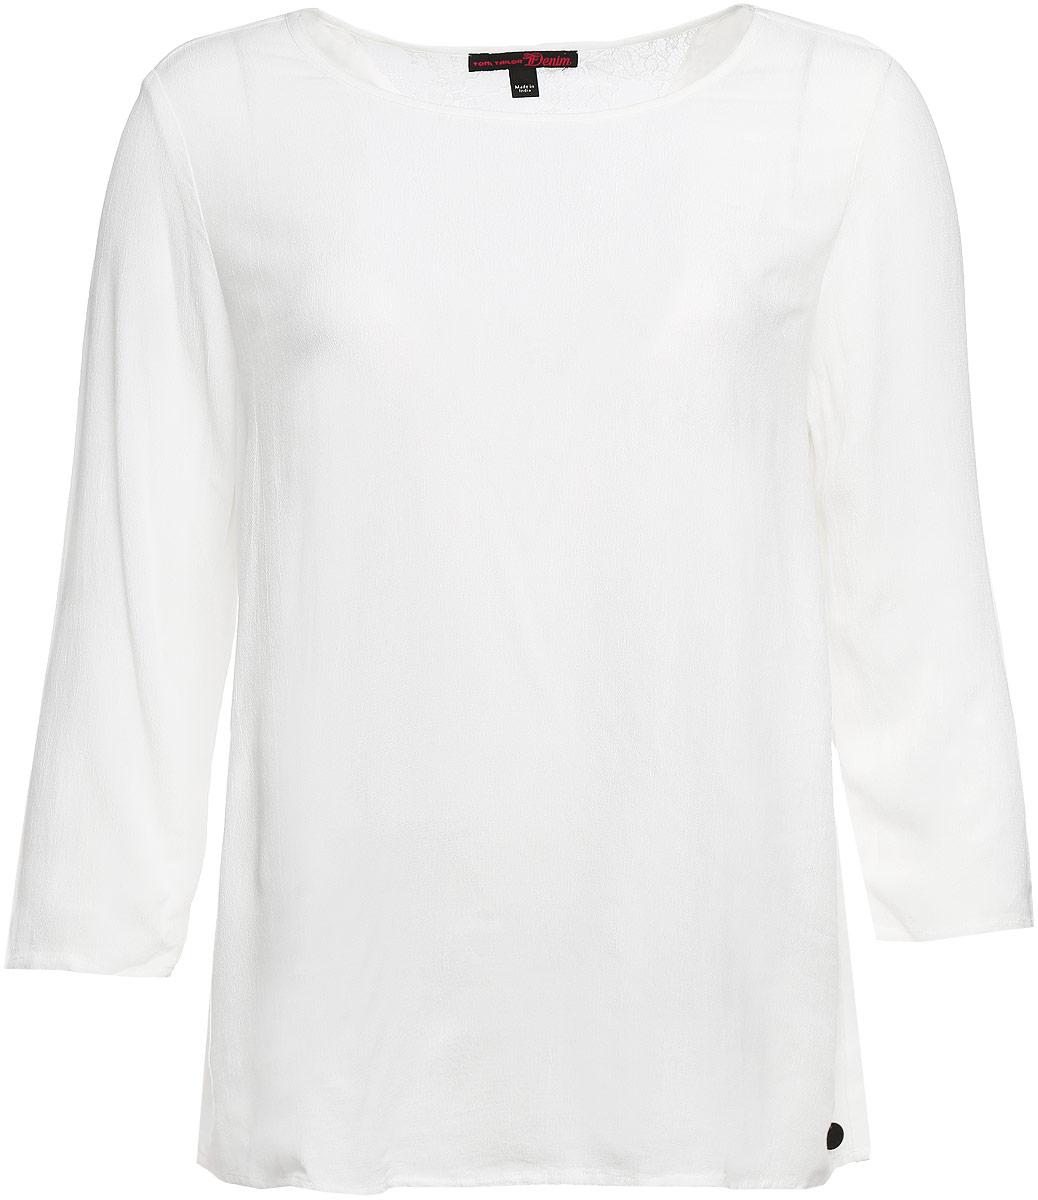 Блузка женская Tom Tailor Denim, цвет: белый. 2032753.00.71_8005. Размер XL (50)2032753.00.71_8005Блузка Tom Tailor Denim выполнена из вискозы. Модель с круглым вырезом горловины и стандартными длинными рукавами, на спинке модель декорирована кружевной V-образной вставкой из полиамида. Низ дополнен металлической пластиной с логотипом бренда.